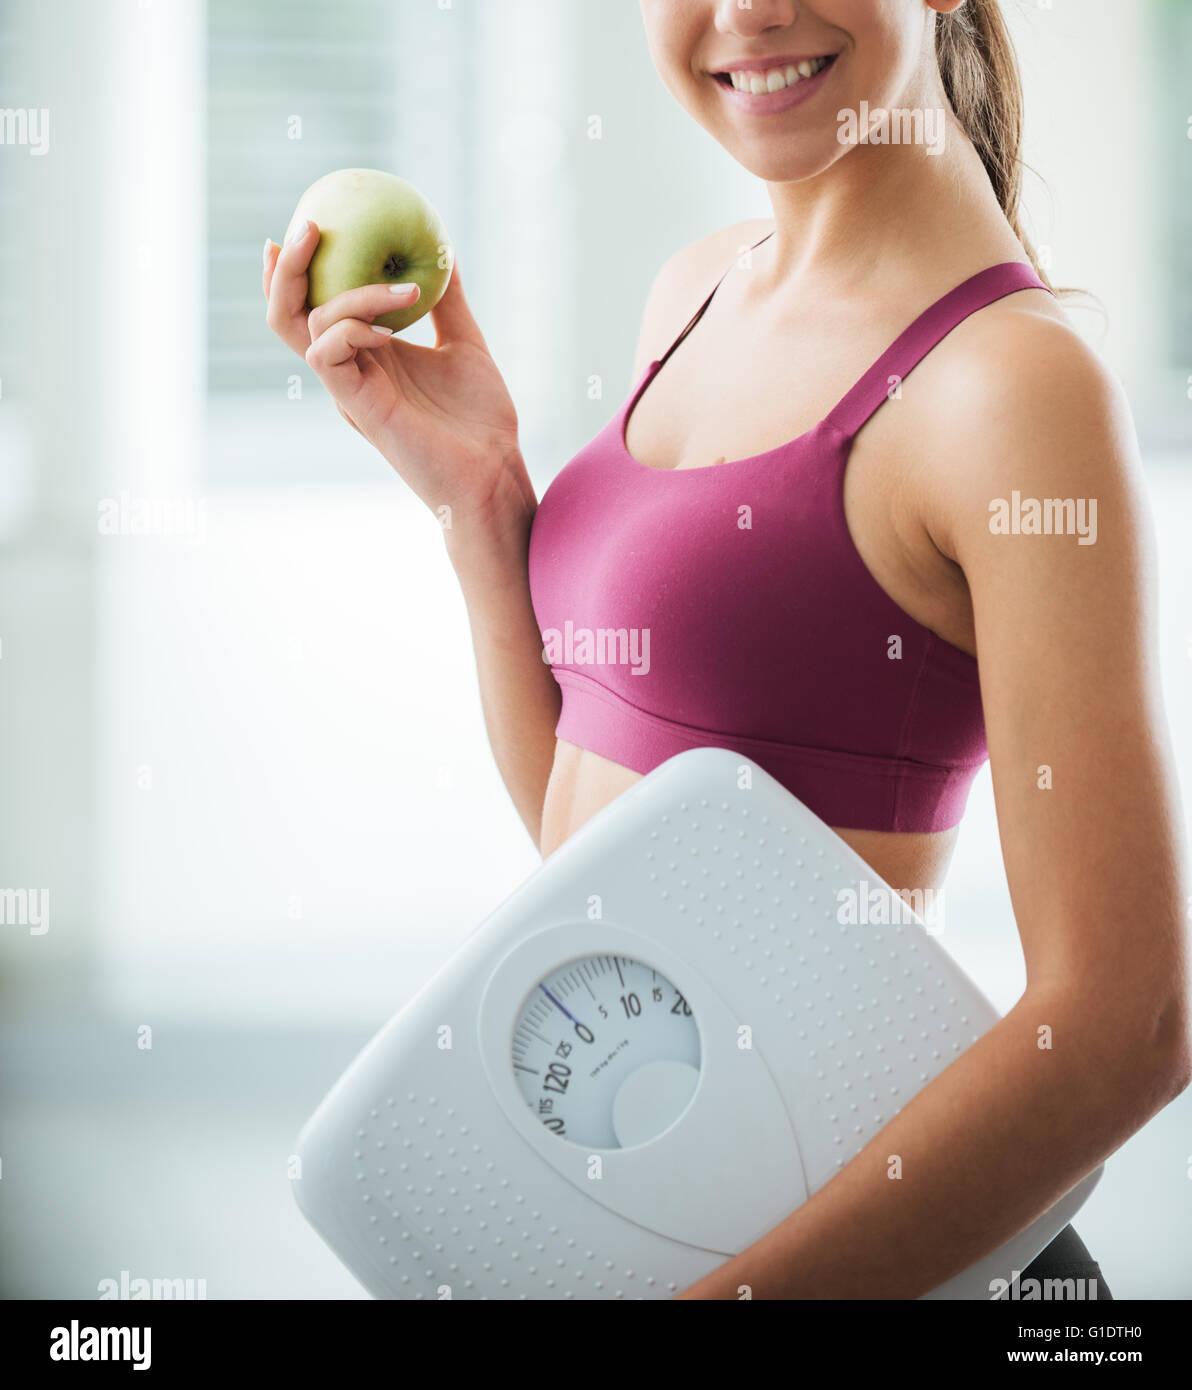 Adolescente sonriente sosteniendo una balanza y una manzana fresca, comer sano, fitness y pérdida de peso concepto Imagen De Stock